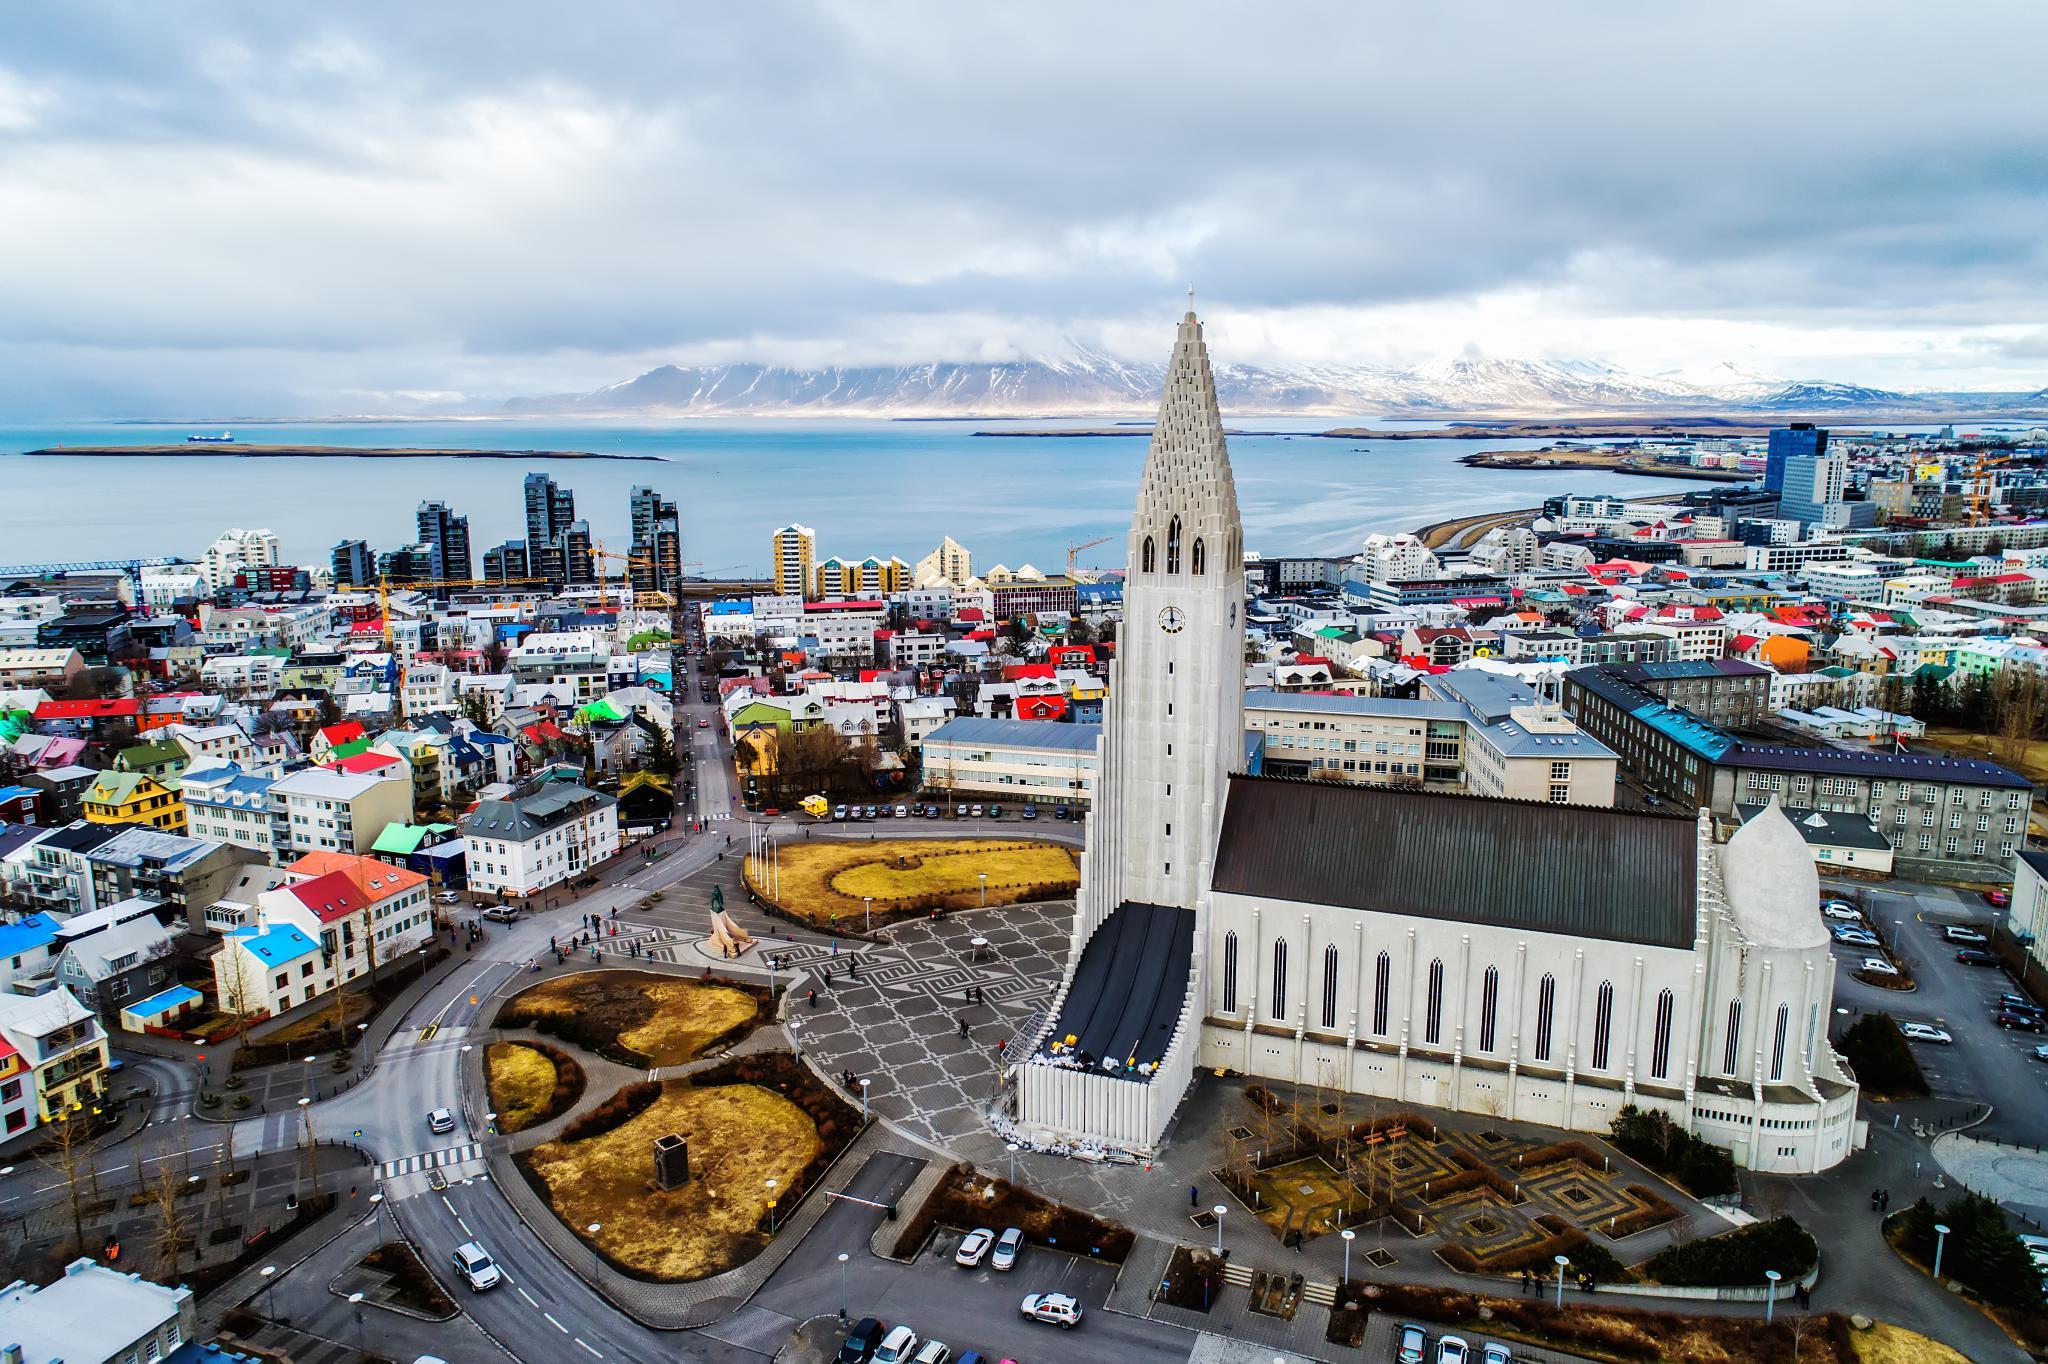 Aerial view of Reykjavik, Iceland